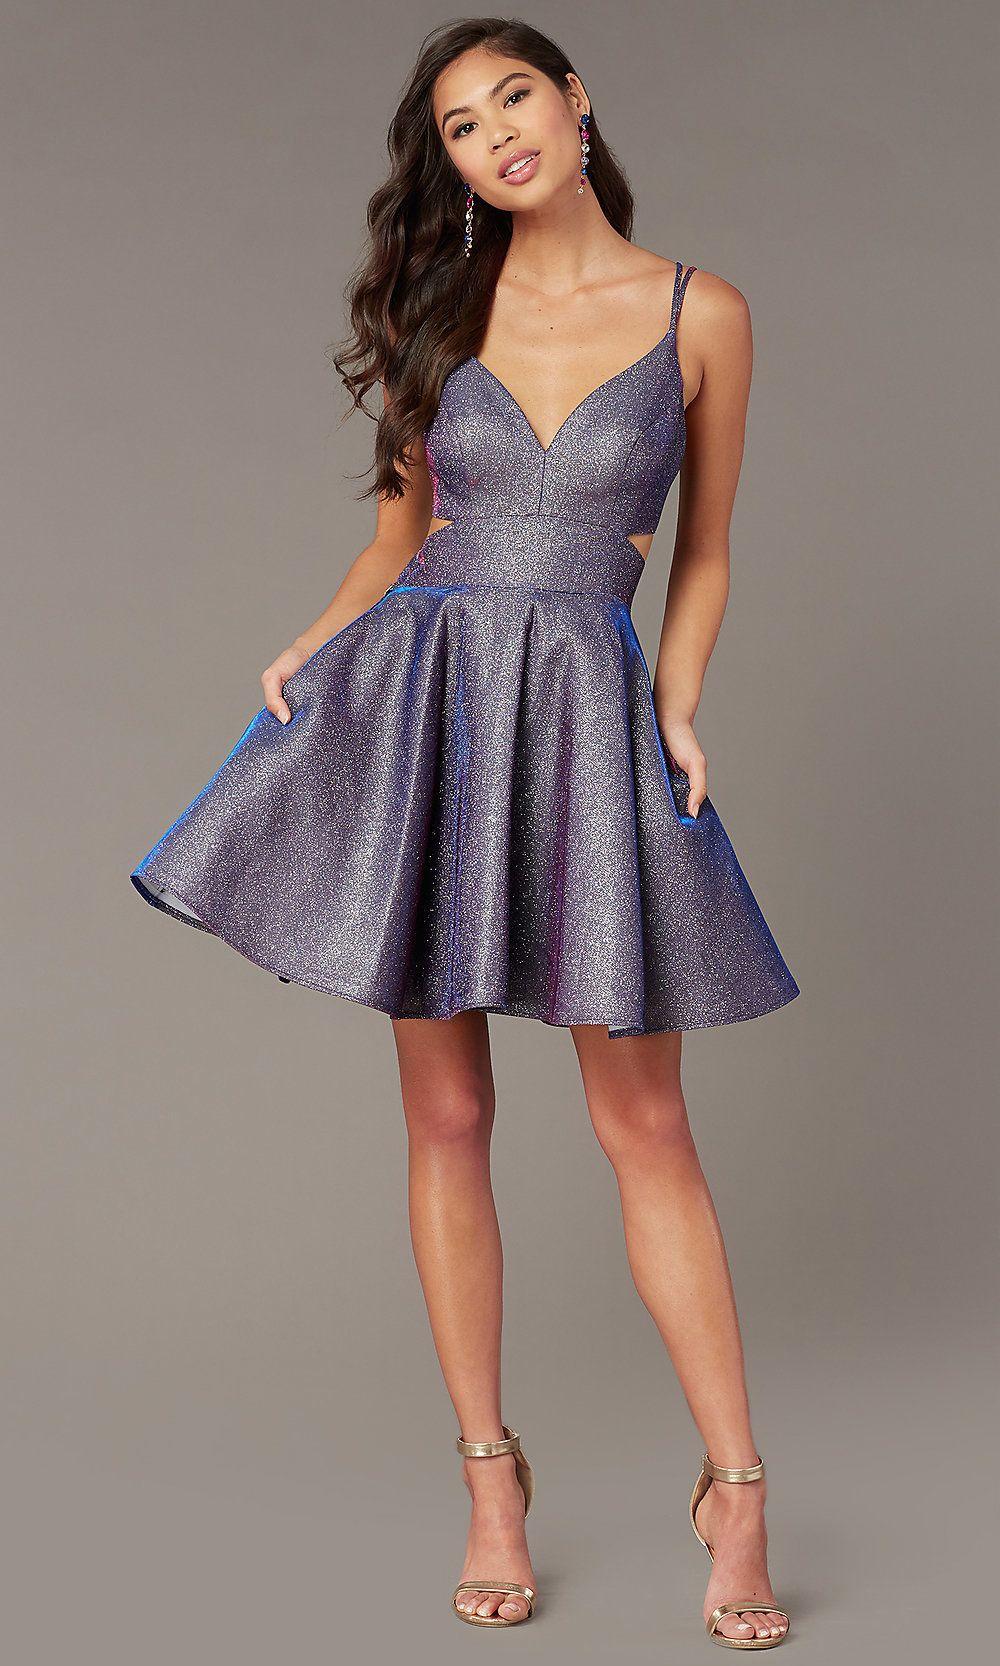 Iridescent Blue Glitter Short Homecoming Dress Prom Dresses Short Glitter Dress Short Sparkly Dress [ 1666 x 1000 Pixel ]